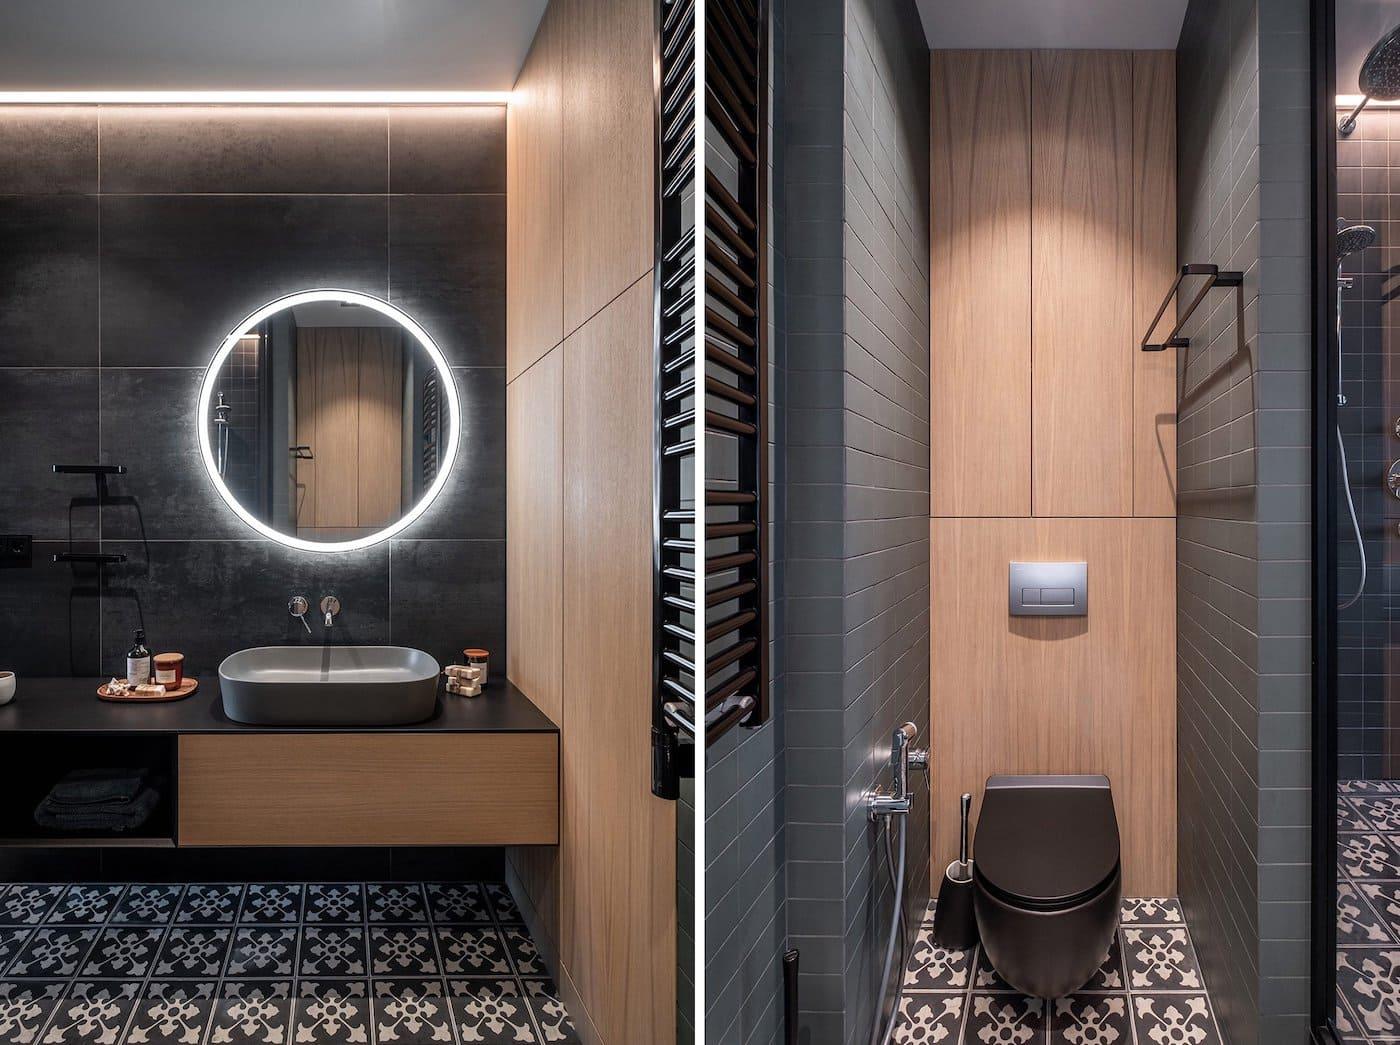 дизайн интерьера ванной комнаты фото 48